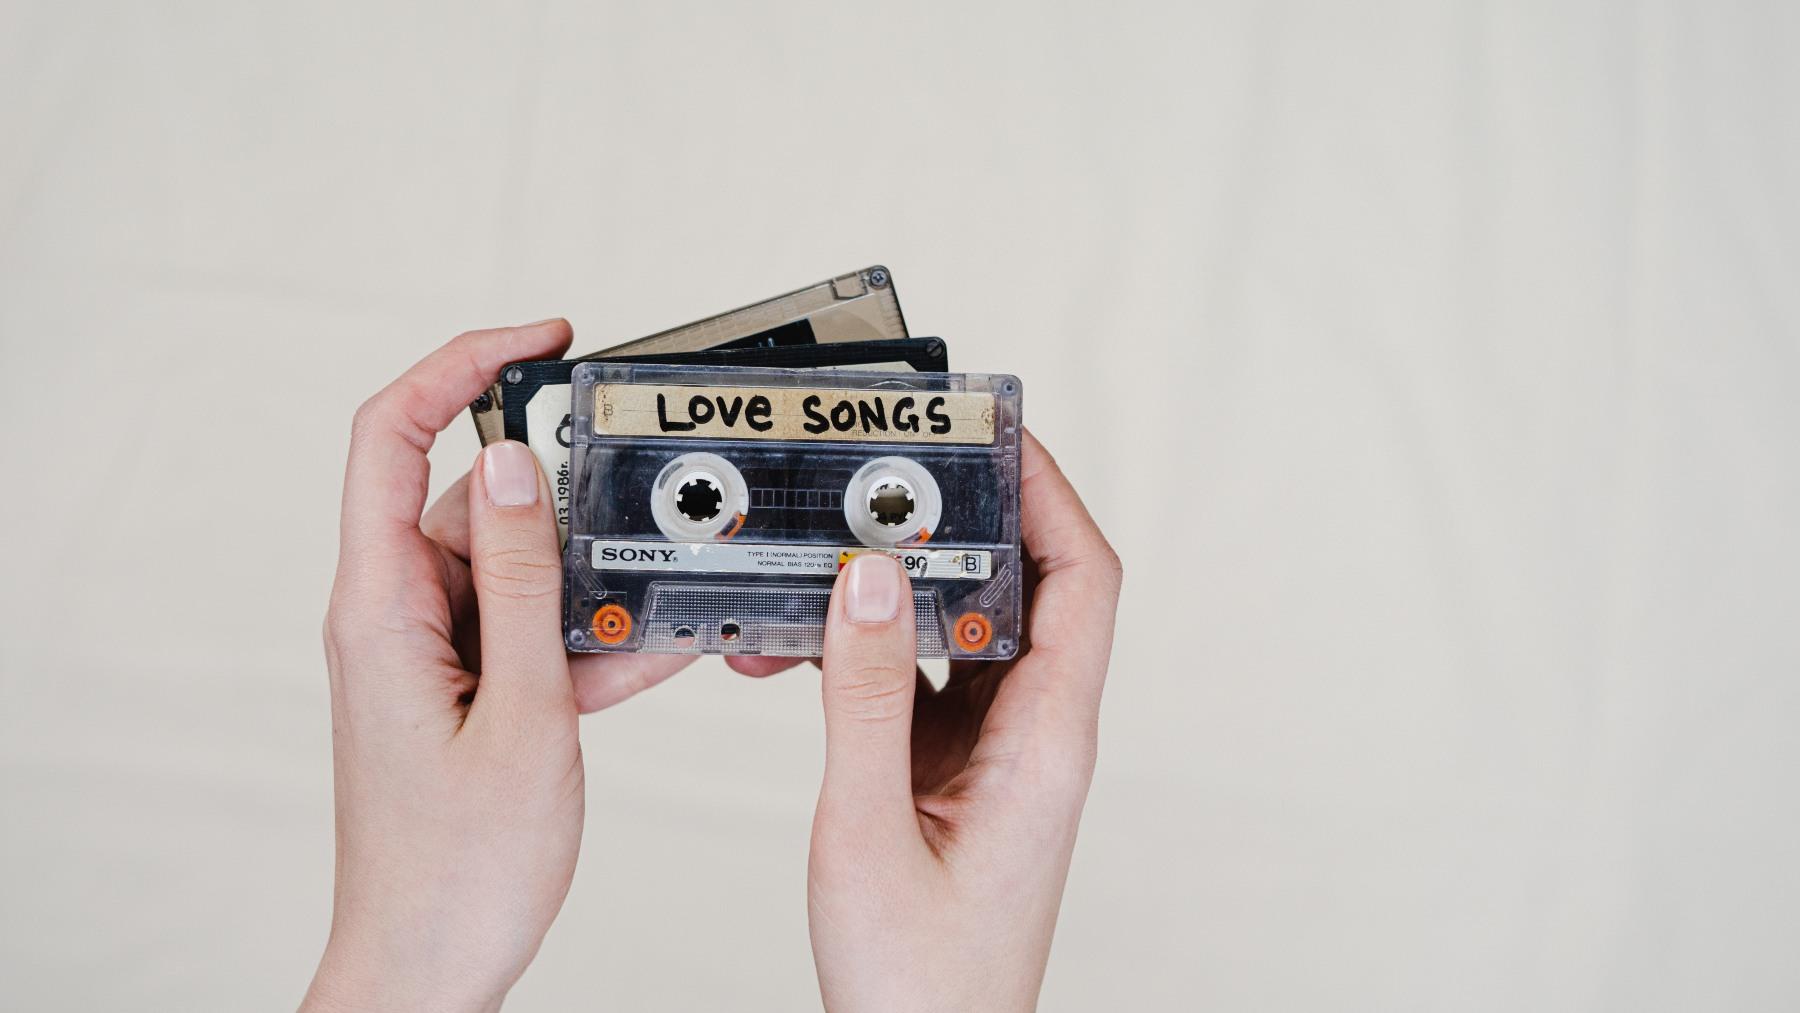 Las mejores canciones de amor